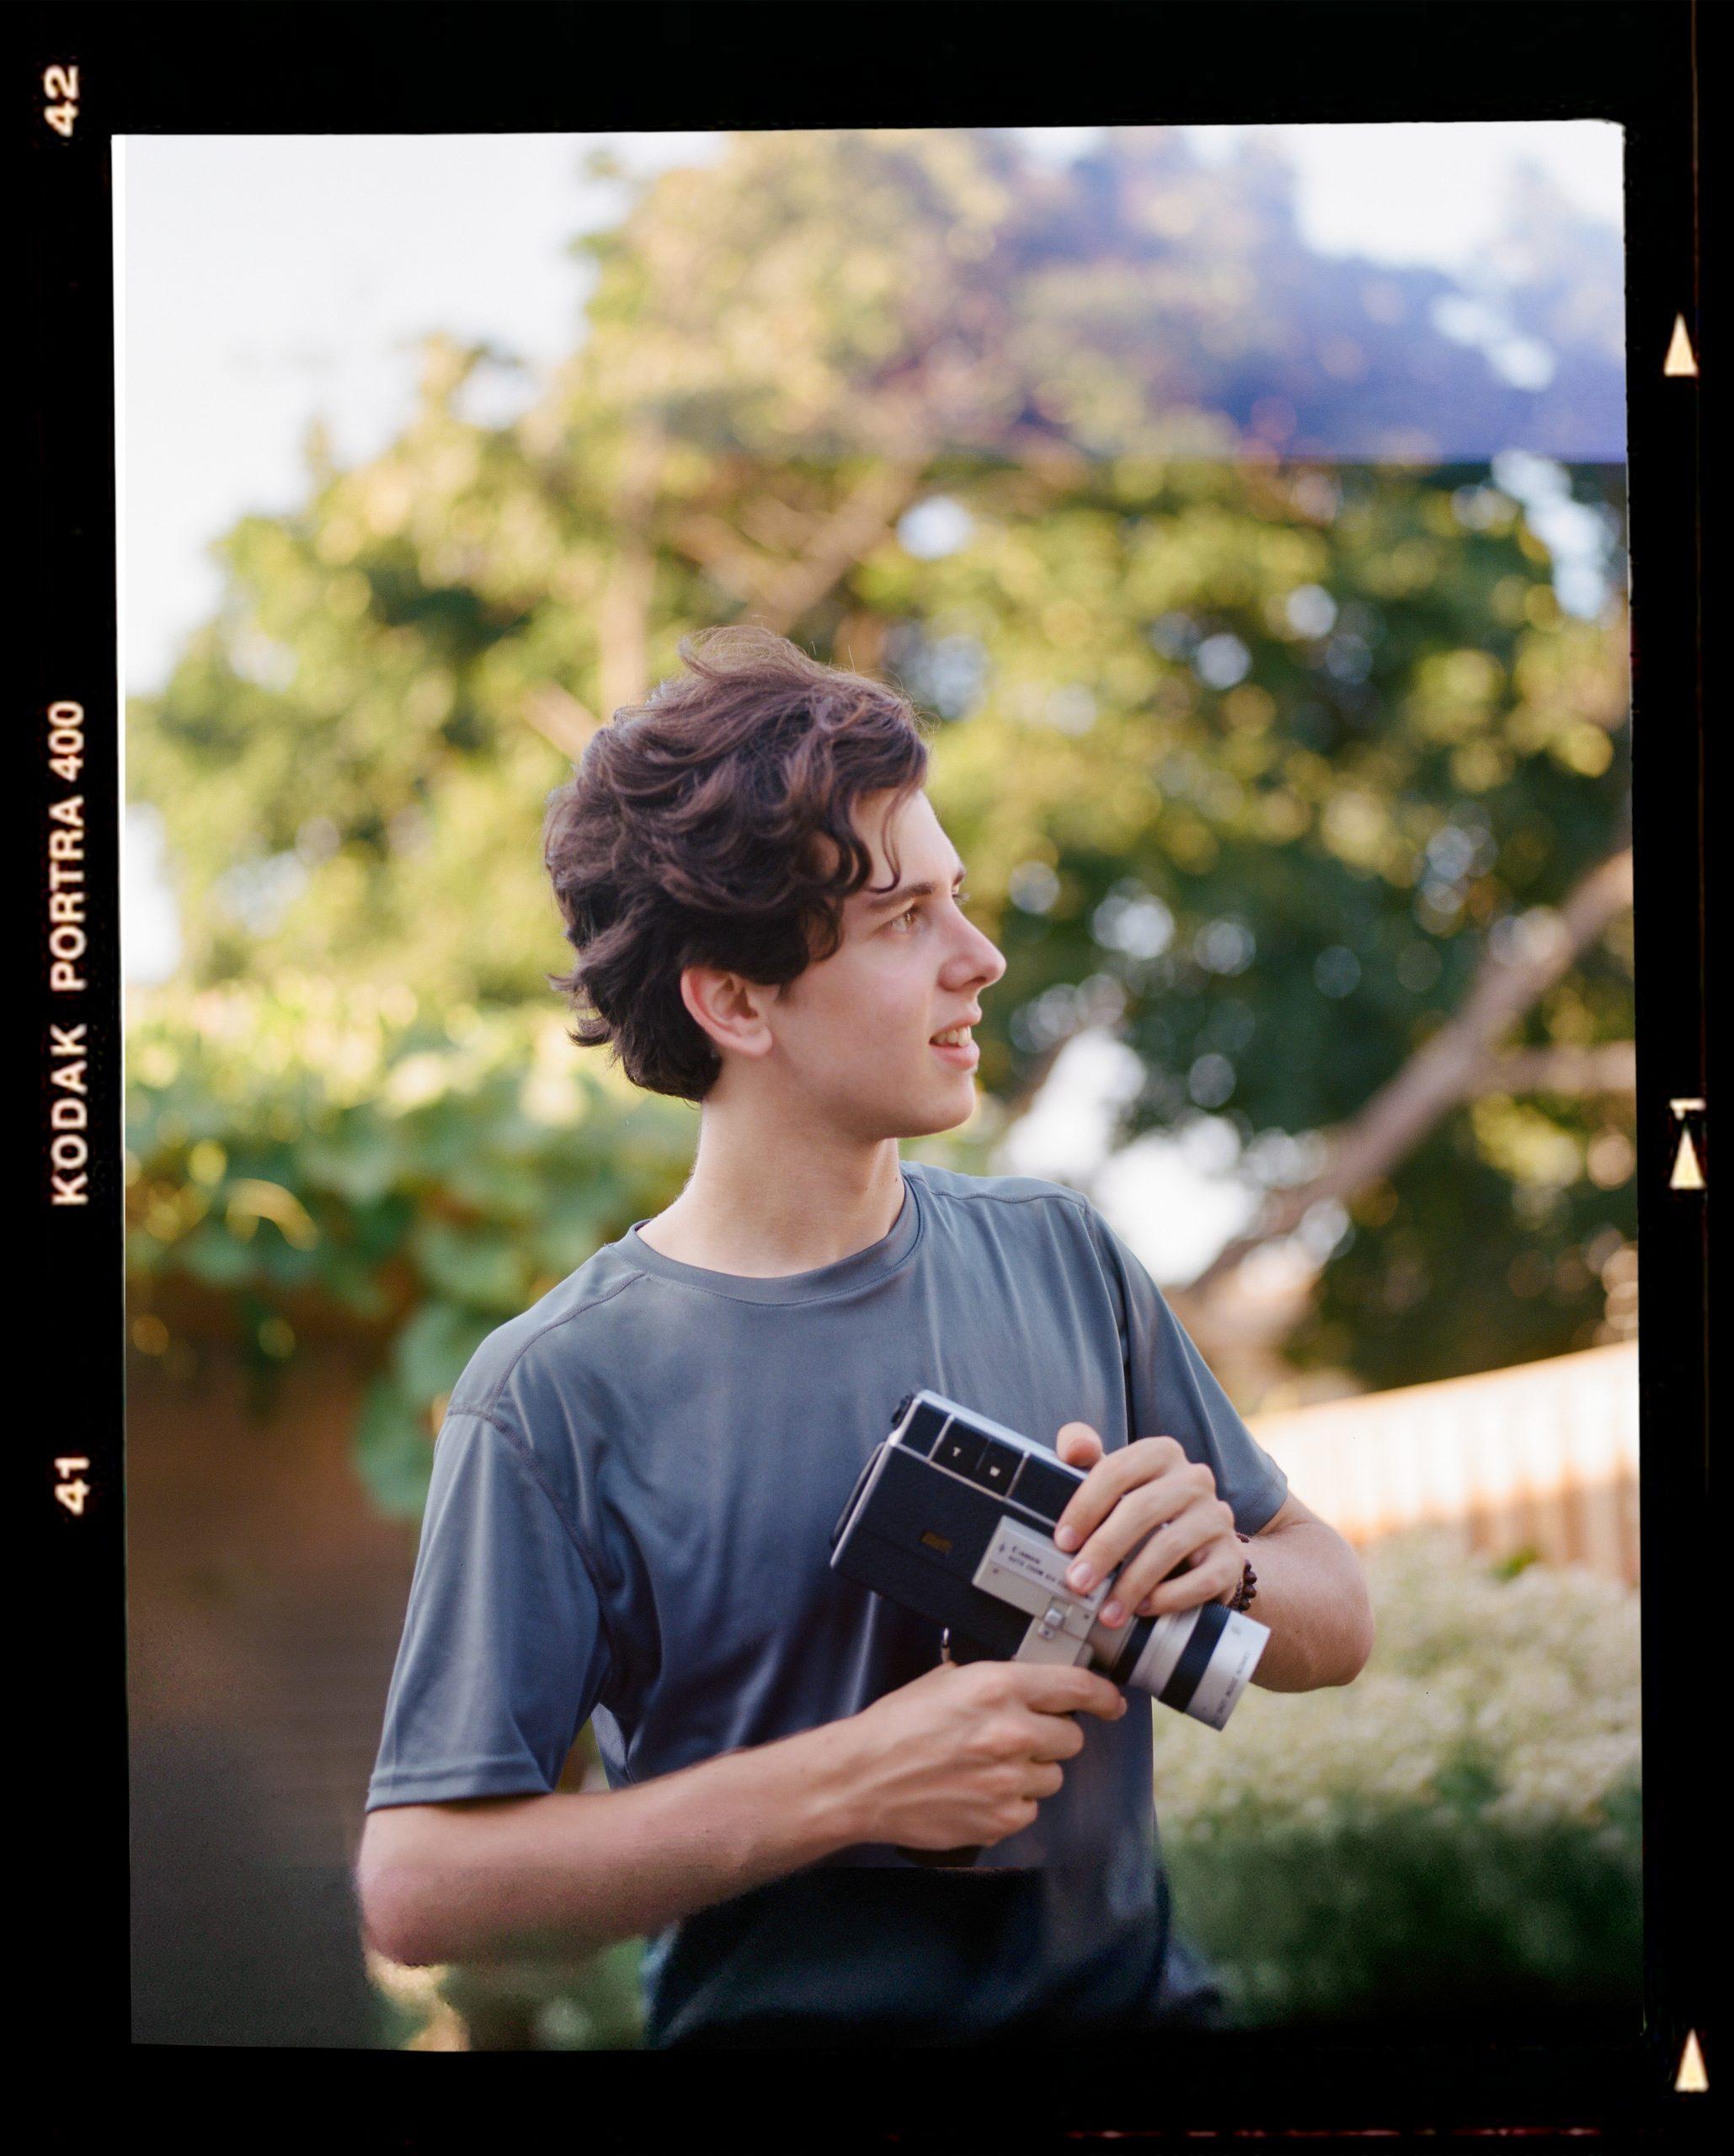 34 - Kodak Portra 400 - Frame 3 PS